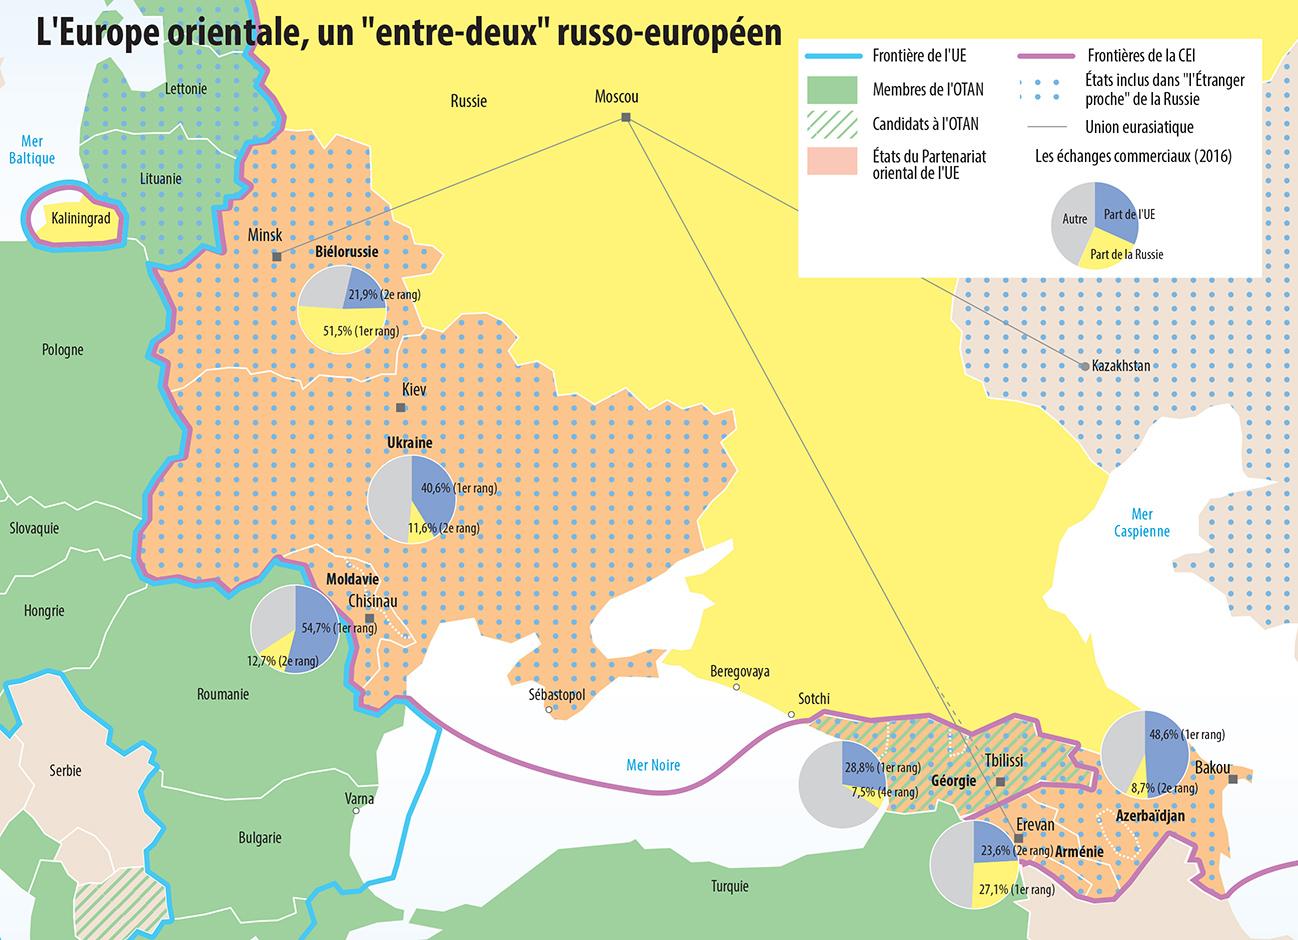 """L'Europe orientale, un """"entre-deux"""" russo-européen, carte de Pascal Orcier"""